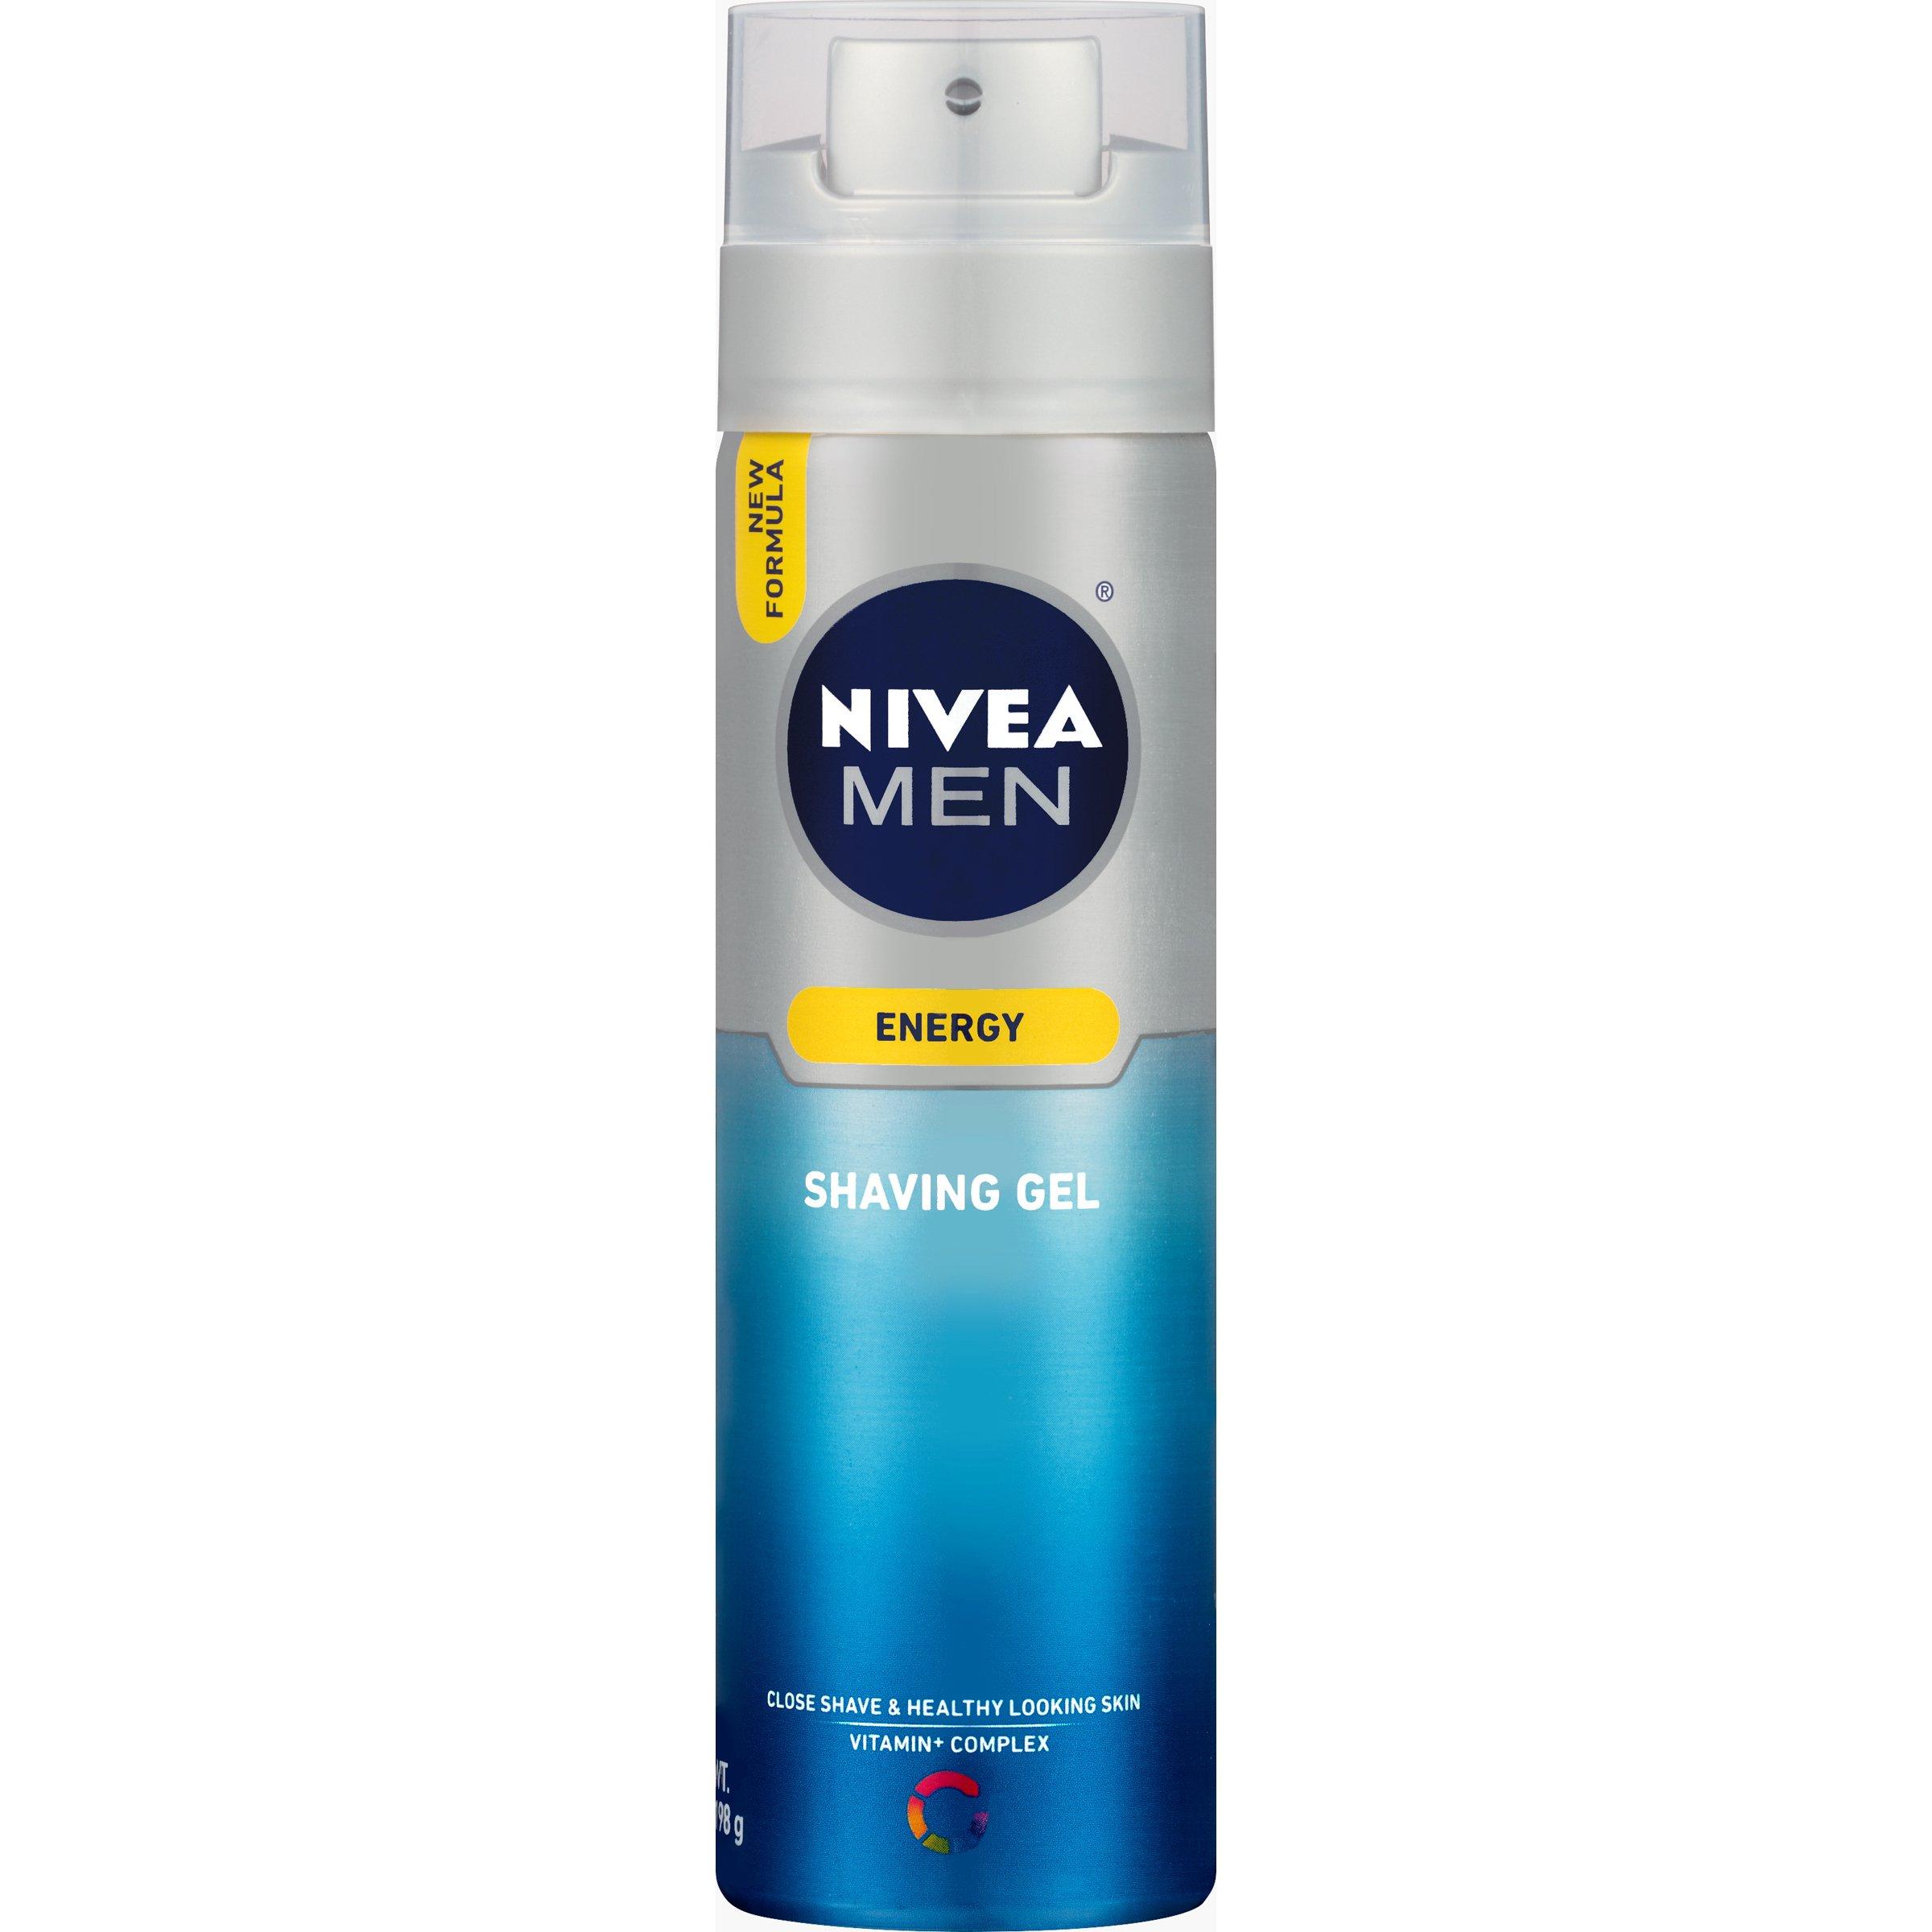 NIVEA FOR MEN Energy, Shaving Gel 7 oz (Pack of 3)